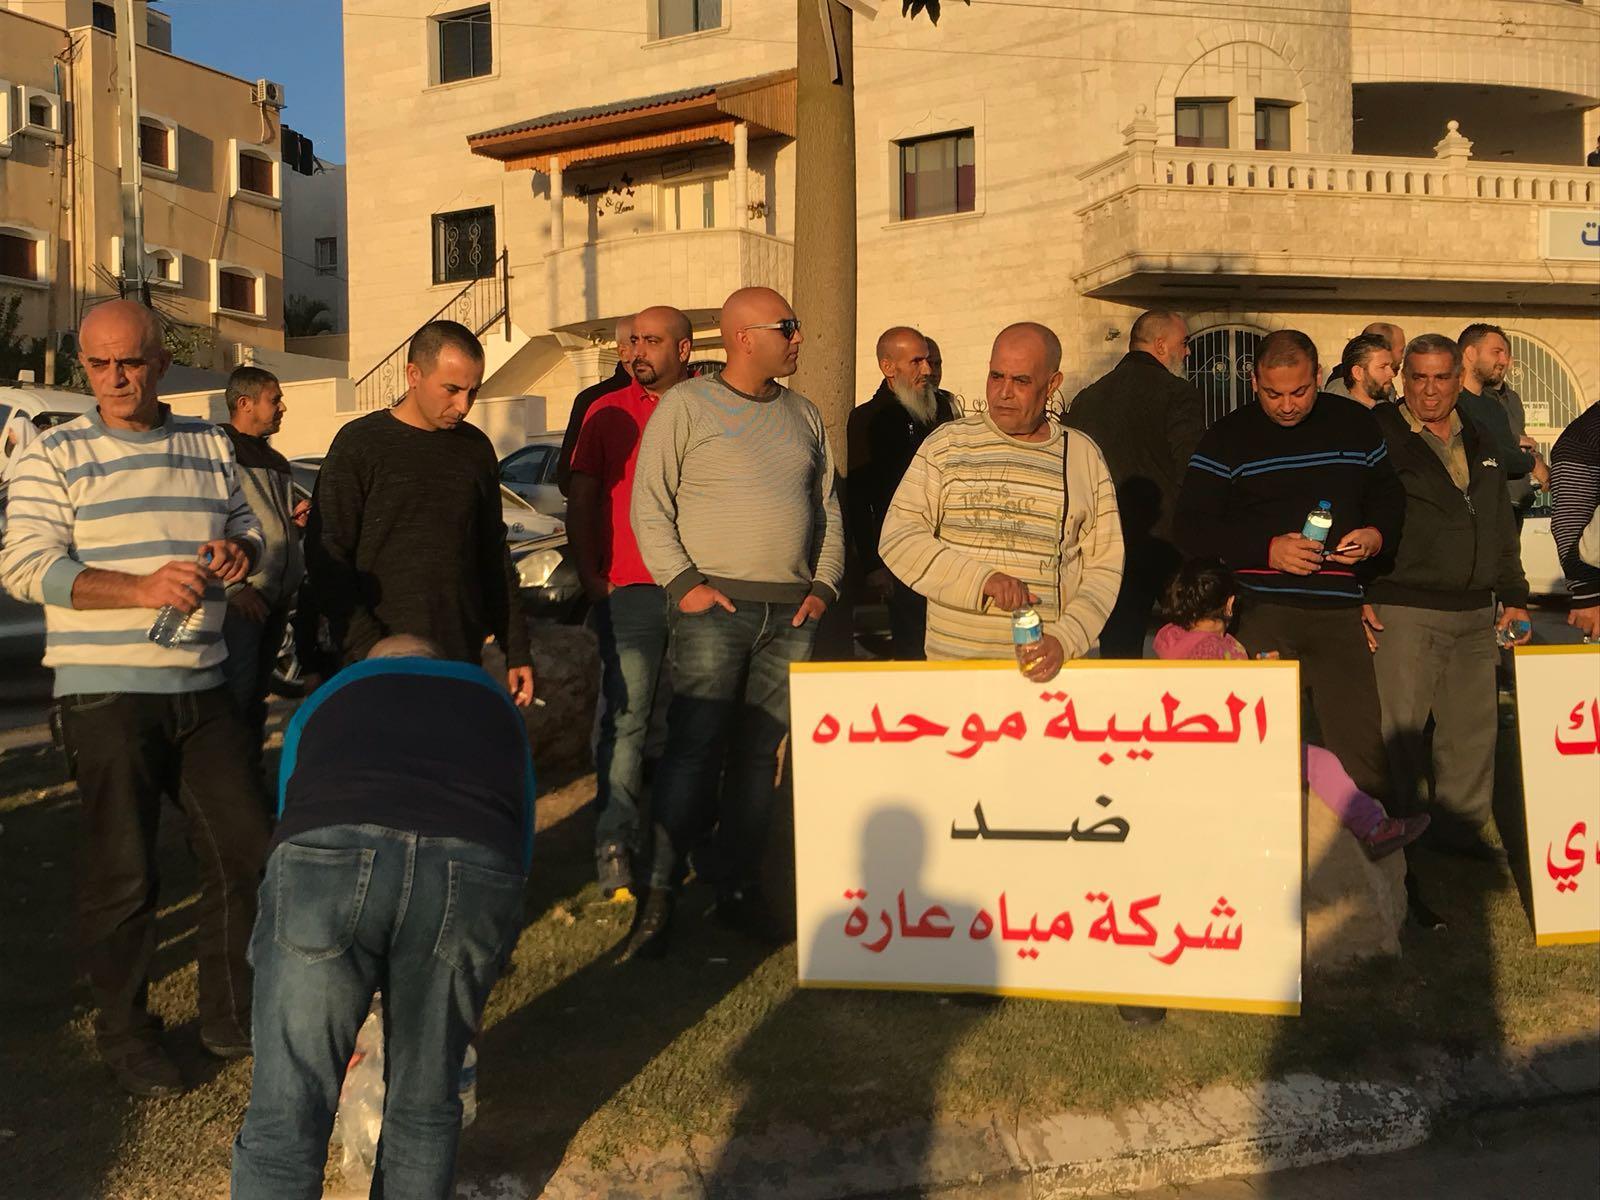 الطيبة: المطالبة بإنهاء عمل شركة اتحاد مياه وادي عارة